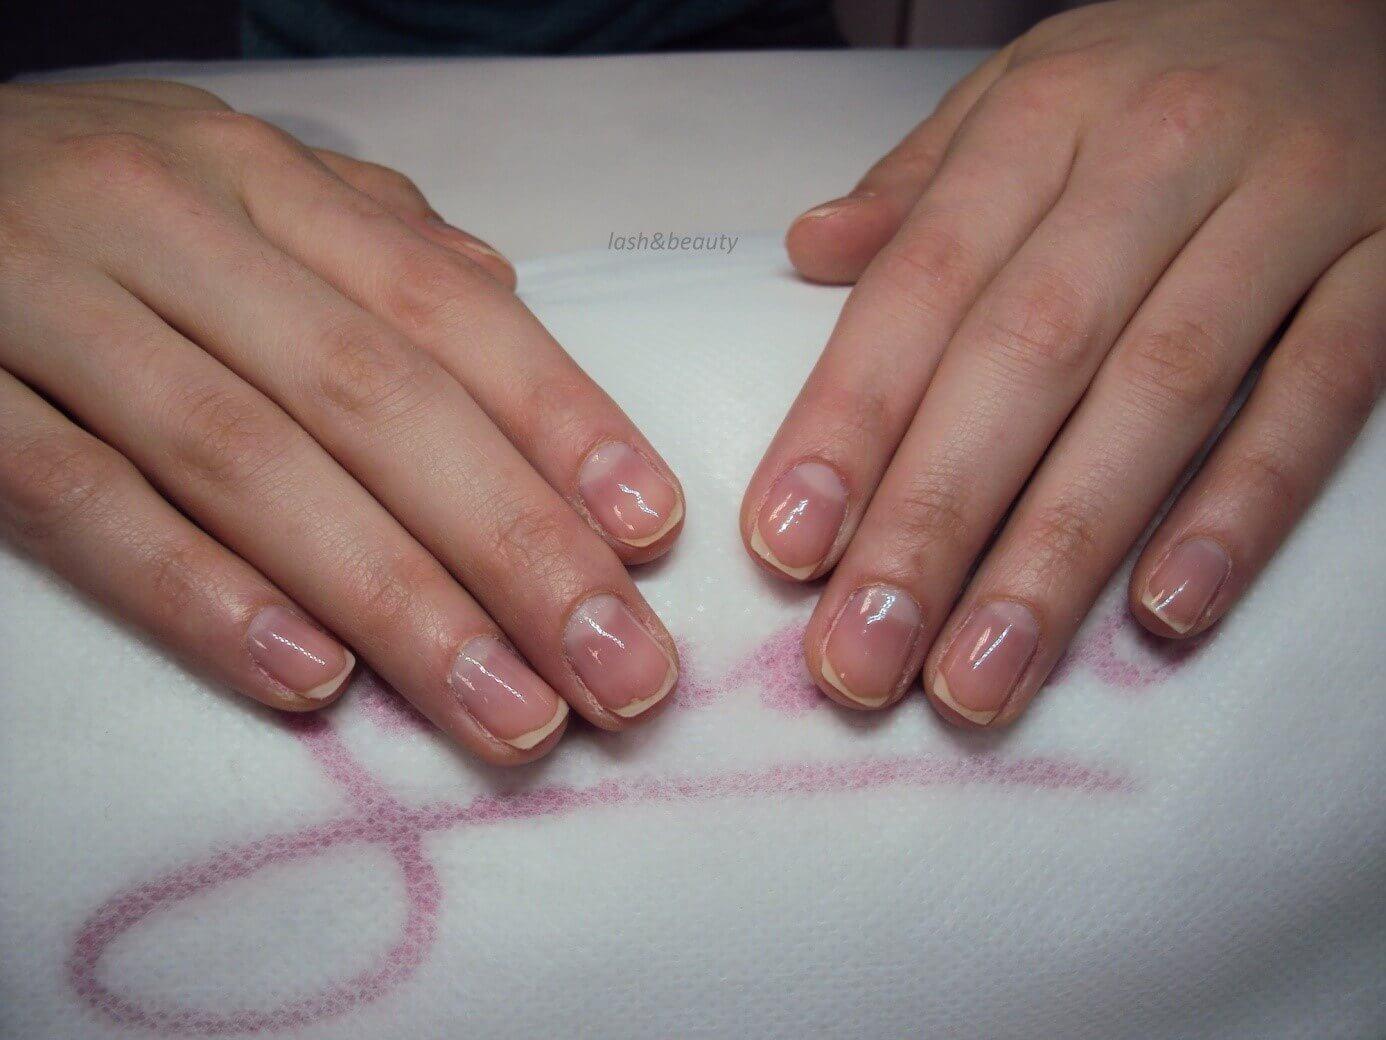 Paznokcie Hybrydowe Jak Wykonac Trwaly Manicure W Domu